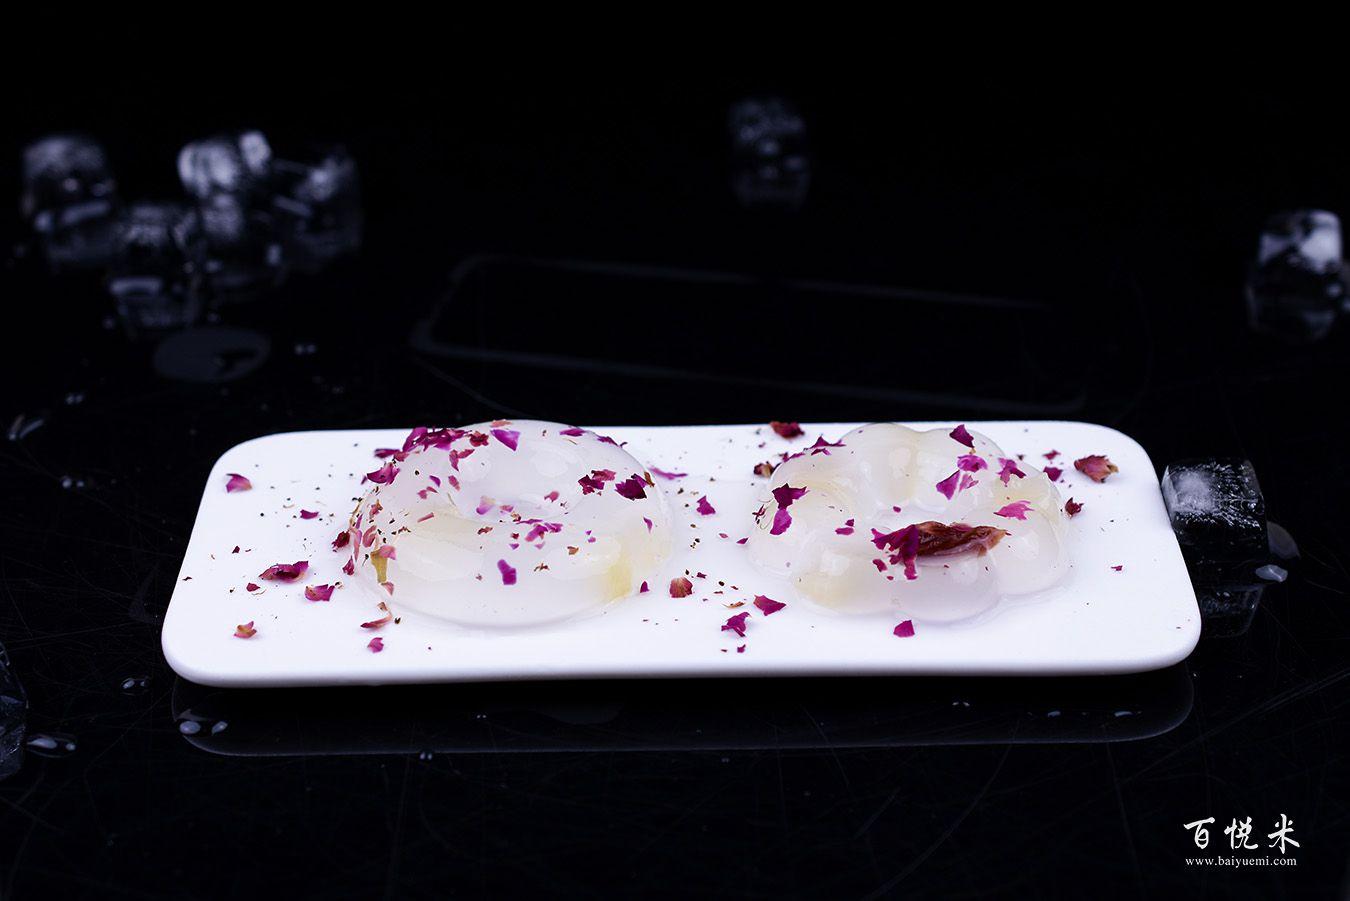 水晶果冻高清图片大全【蛋糕图片】_1294